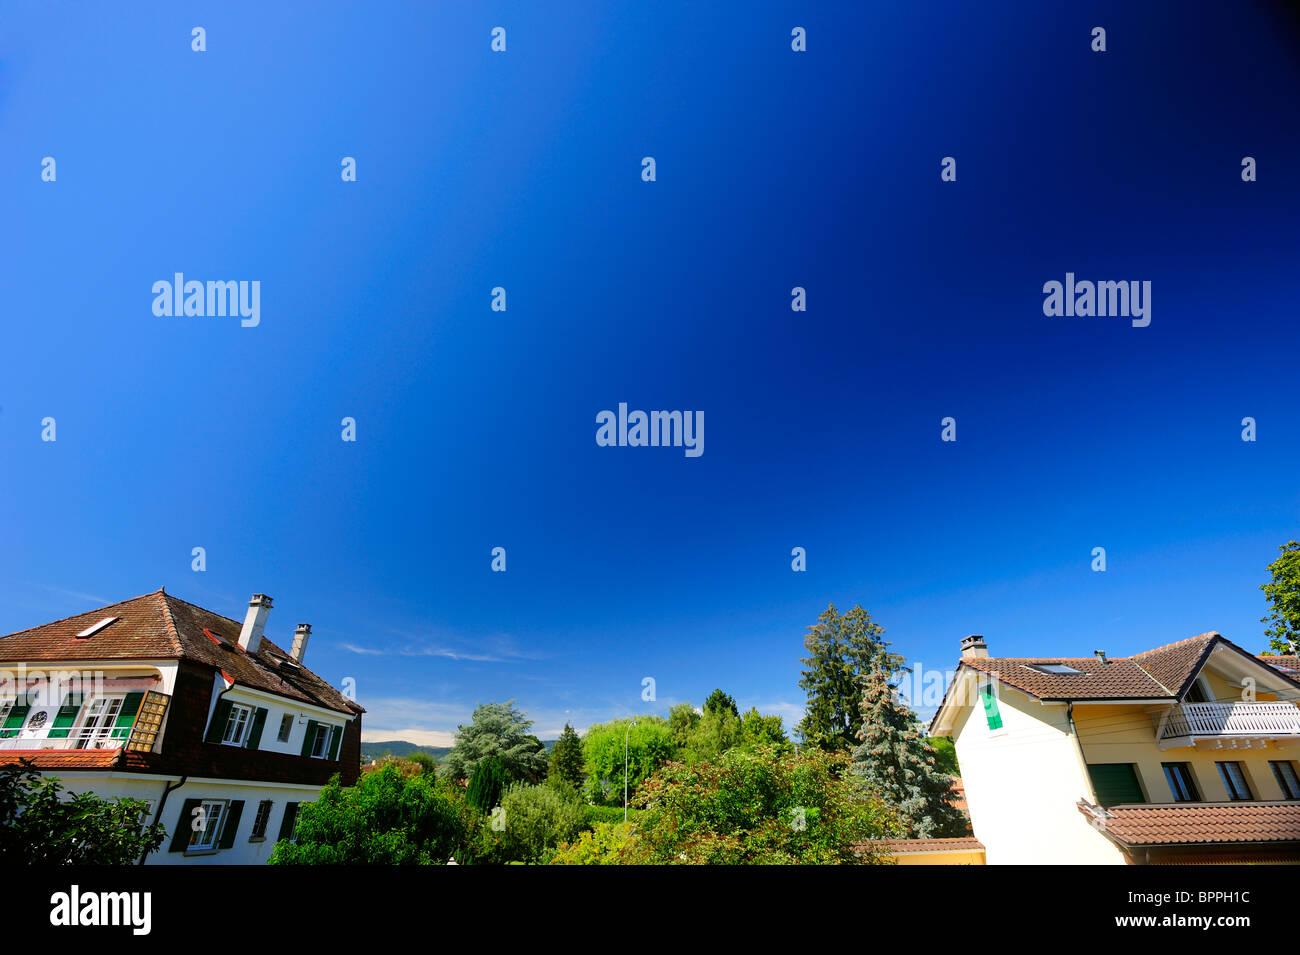 Fotografische Fehler - die Gefahr der Verwendung ein Polfilter mit einem Weitwinkelobjektiv. Es verursacht ein dunkles Stockbild